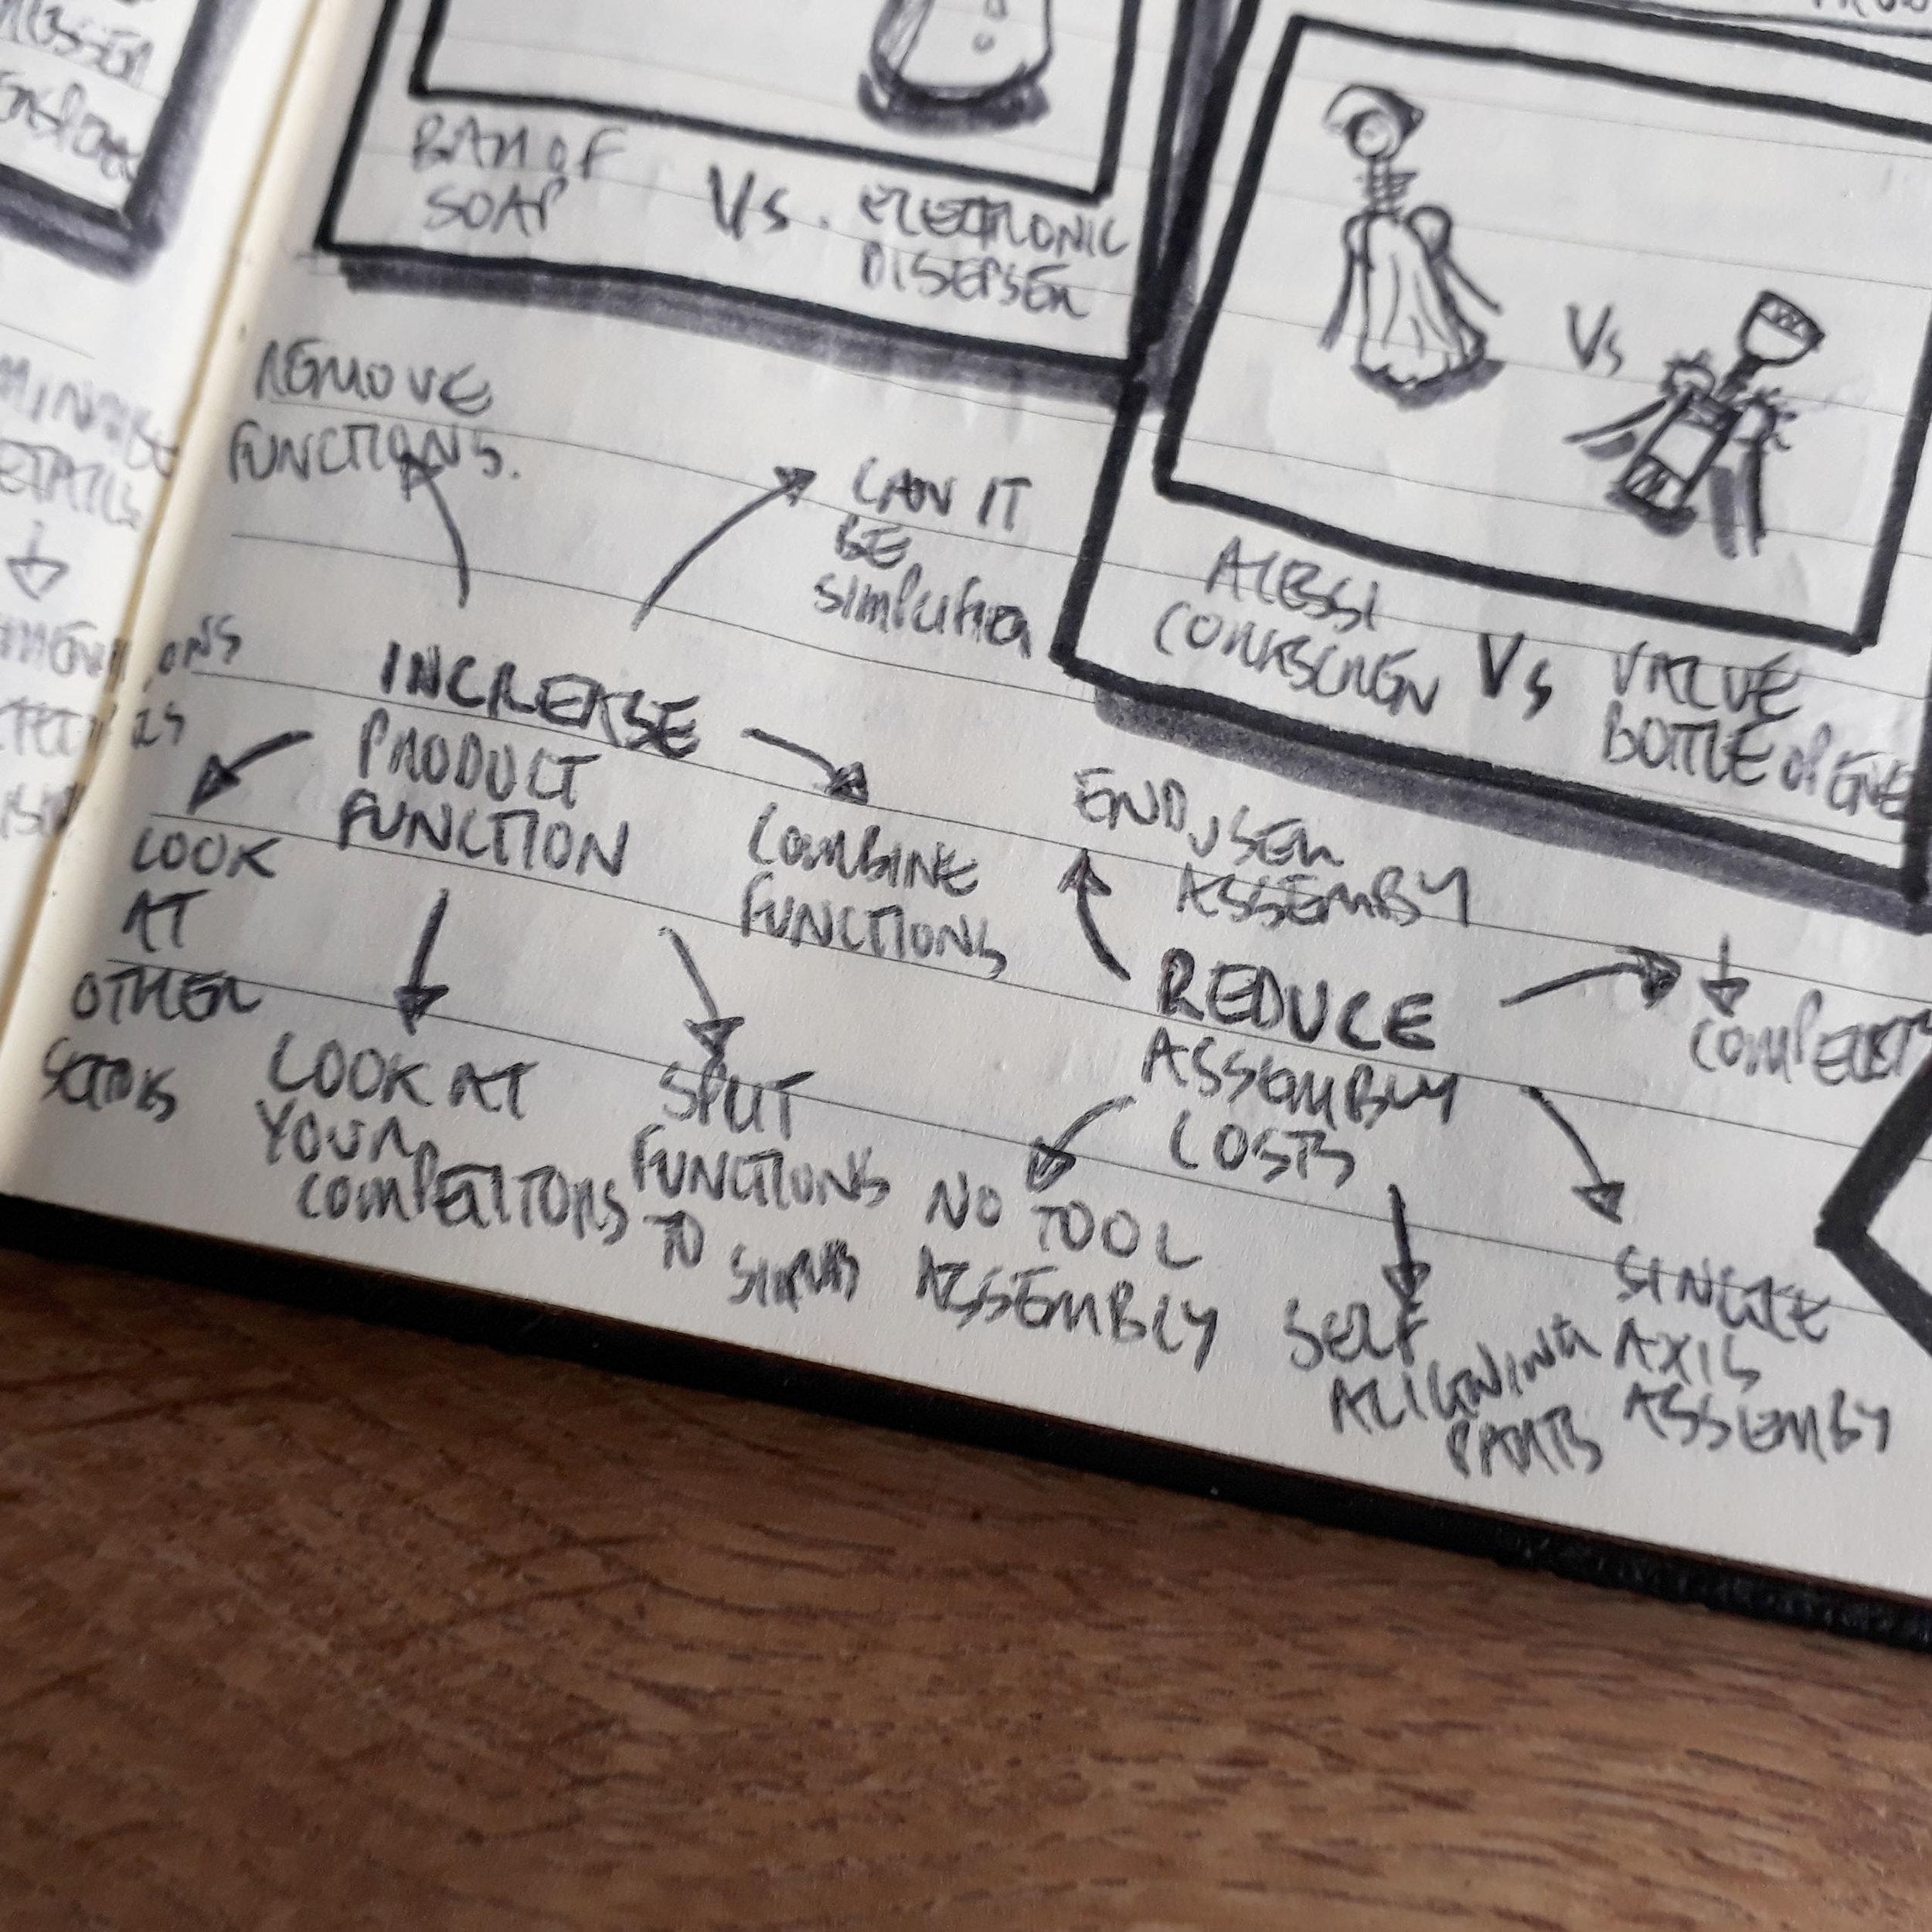 ValueInDesign-Part3.5.jpg